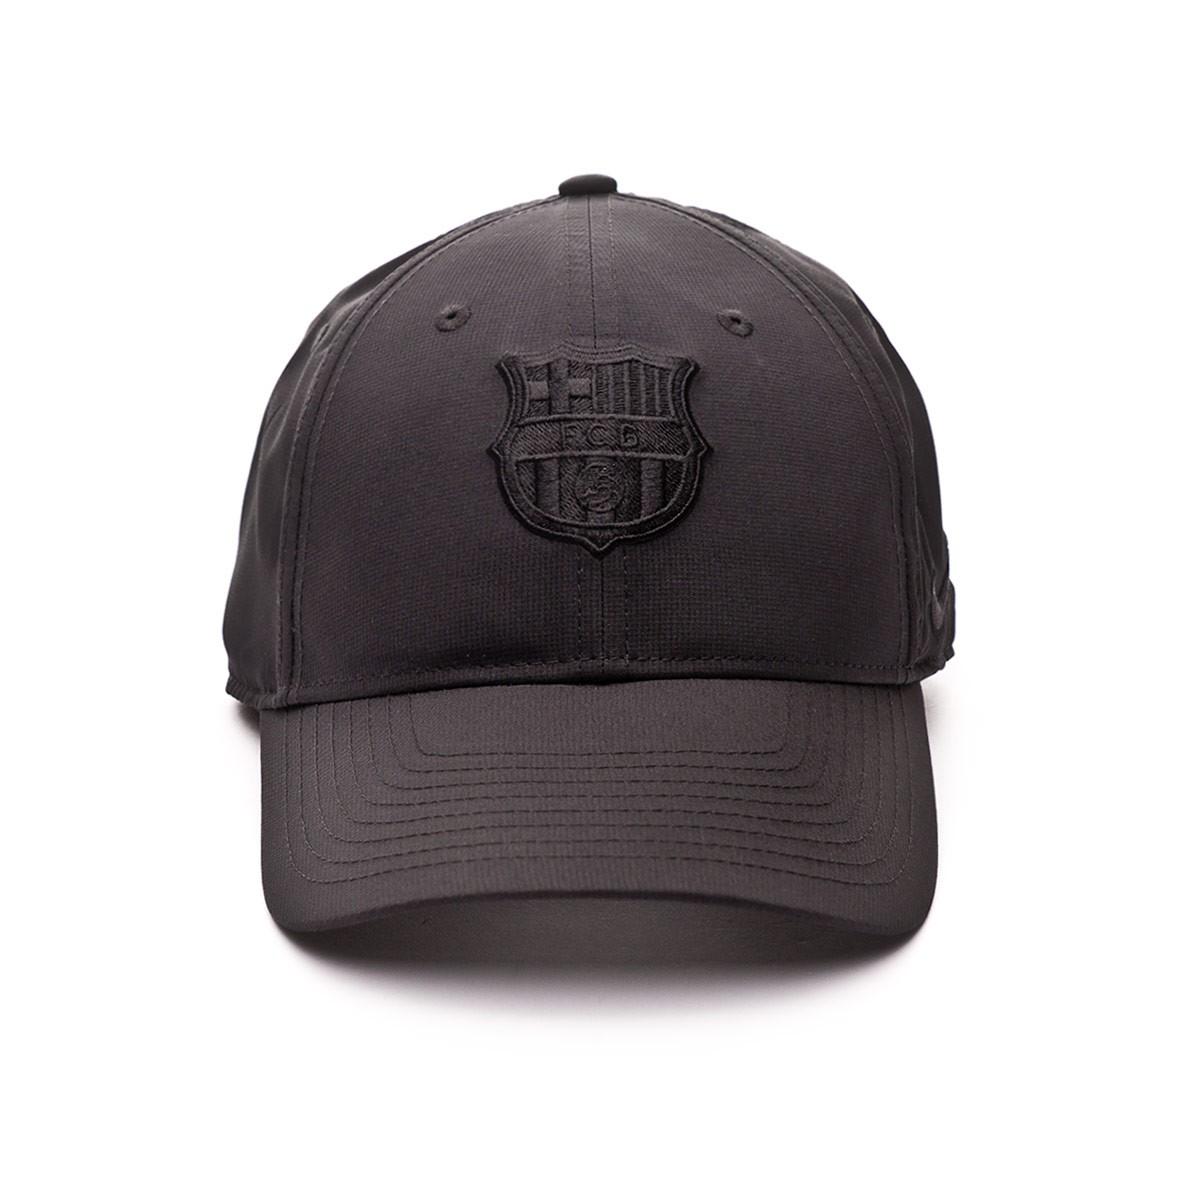 53237e7a8a25b Cap Nike FC Barcelona Dry L91 2018-2019 Niño Black - Tienda de ...